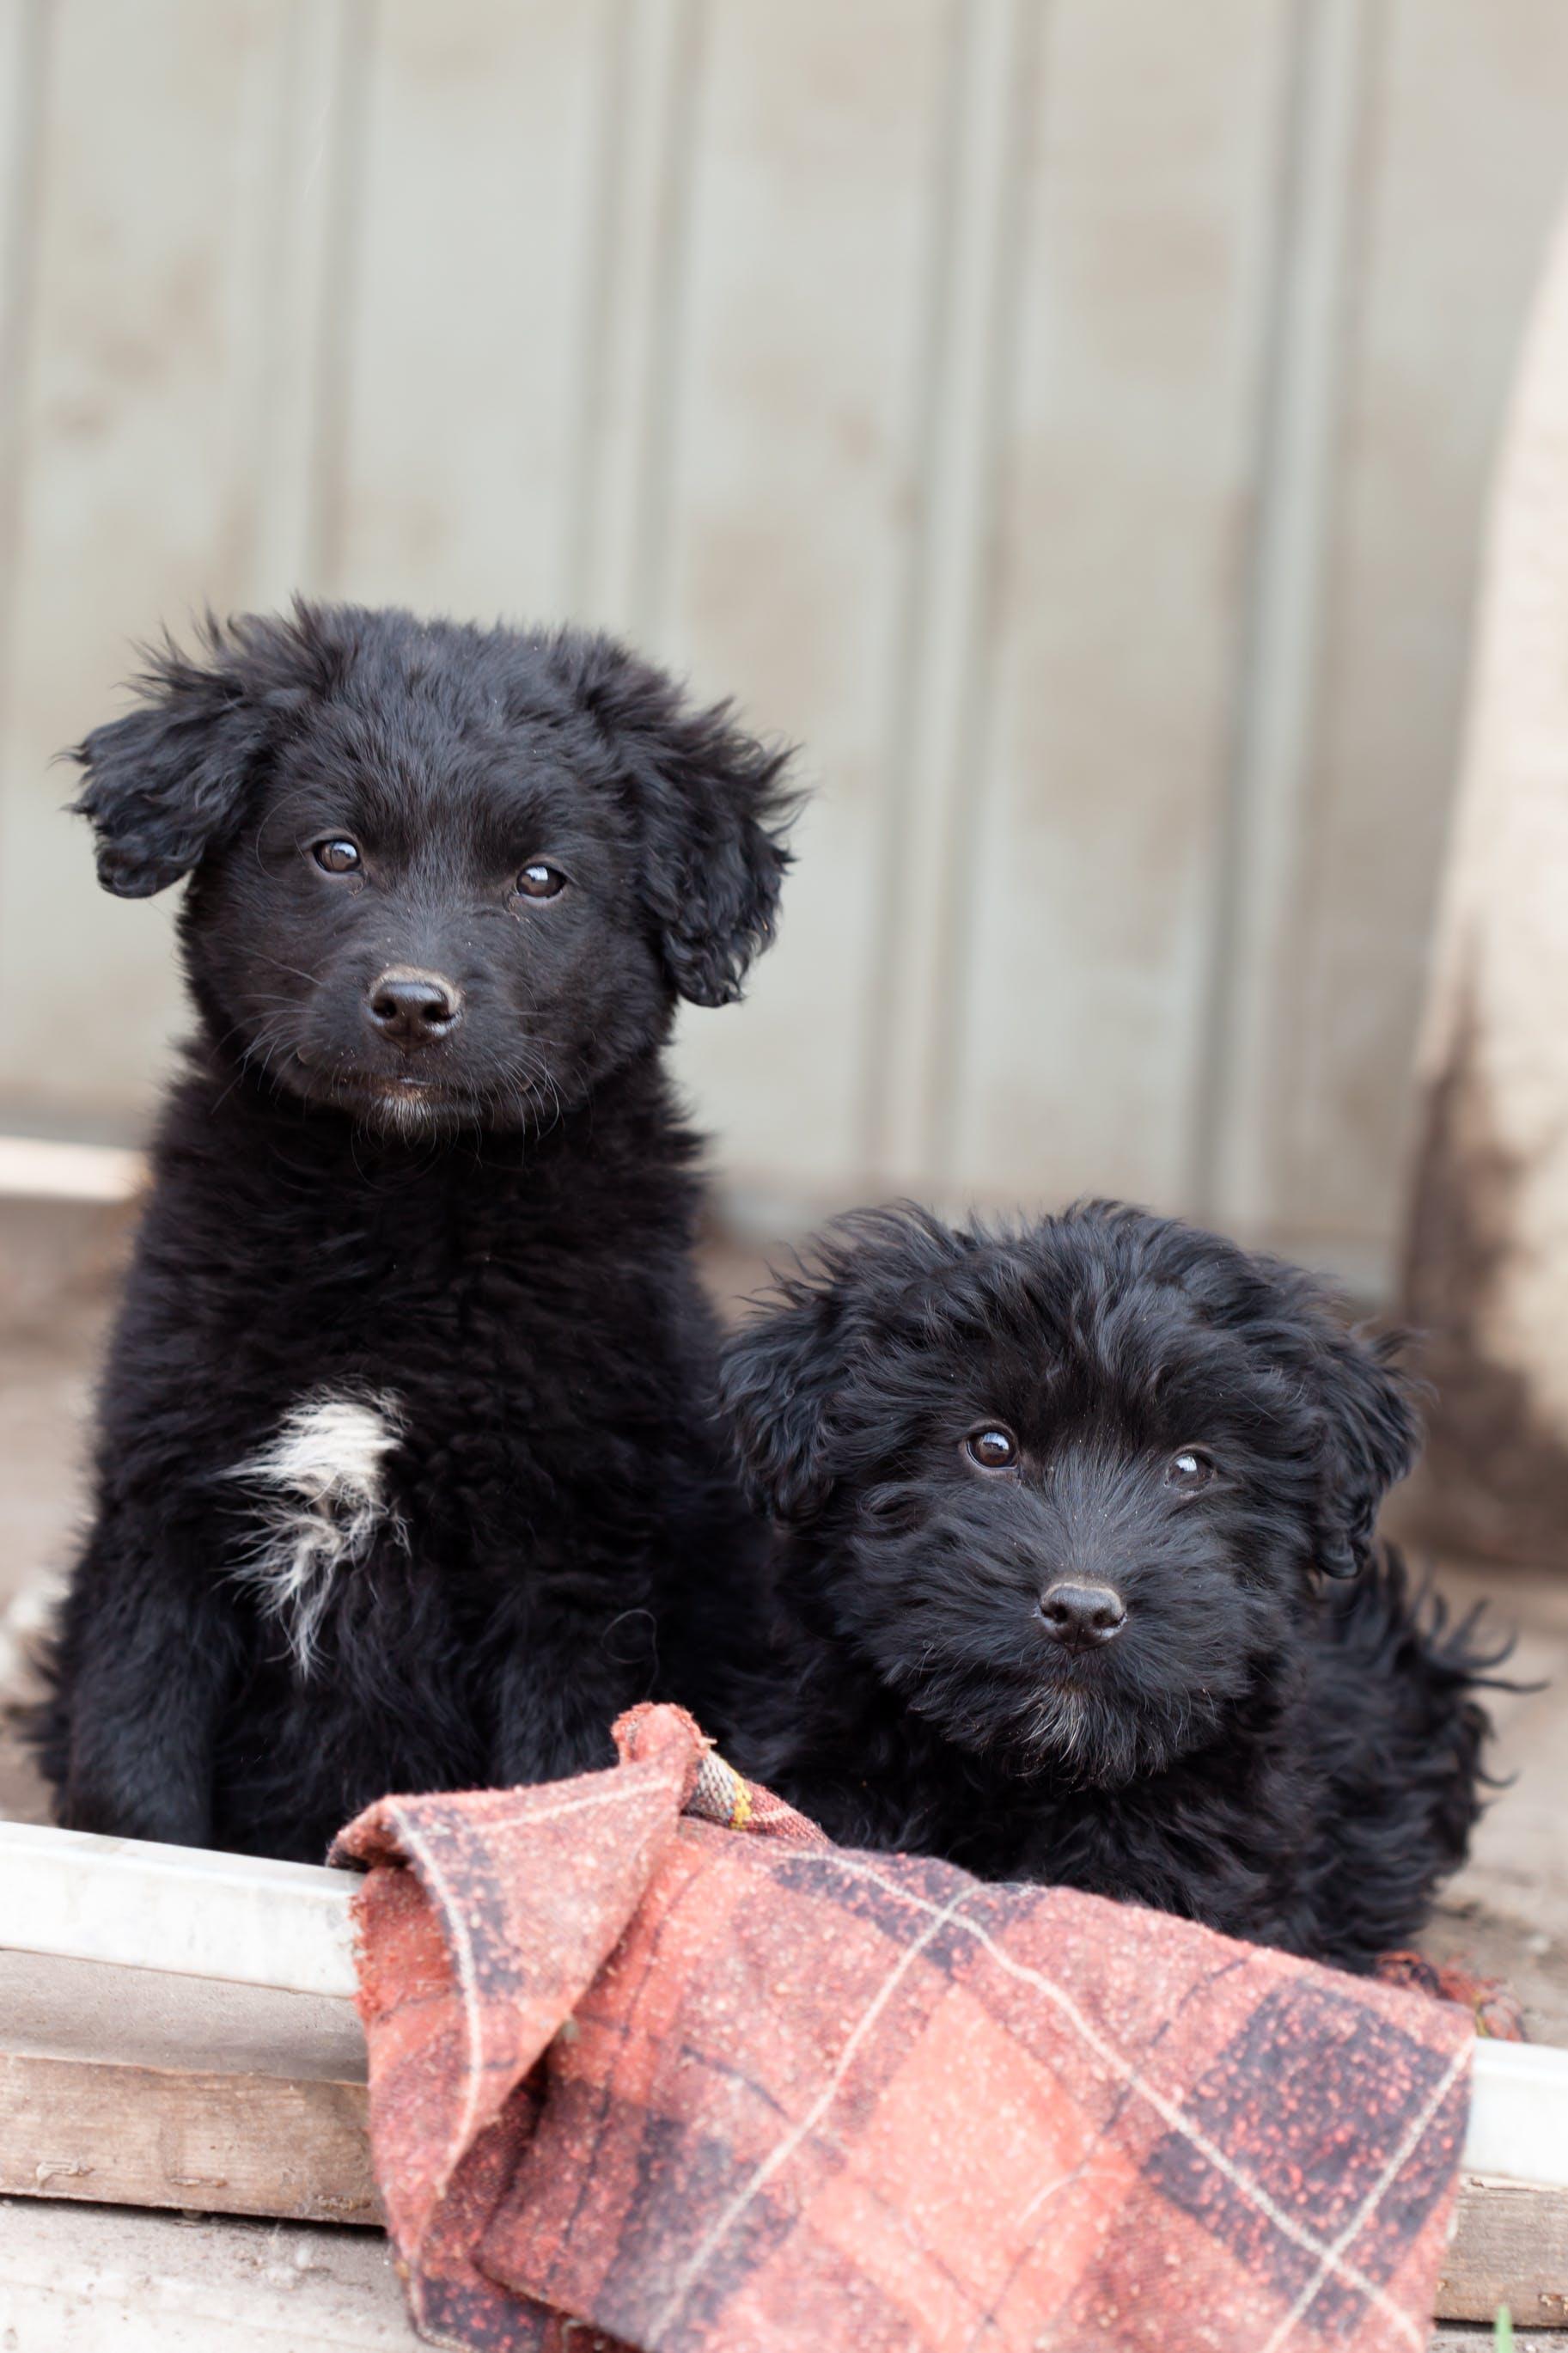 schutz, schwarzer hund, streunende tier